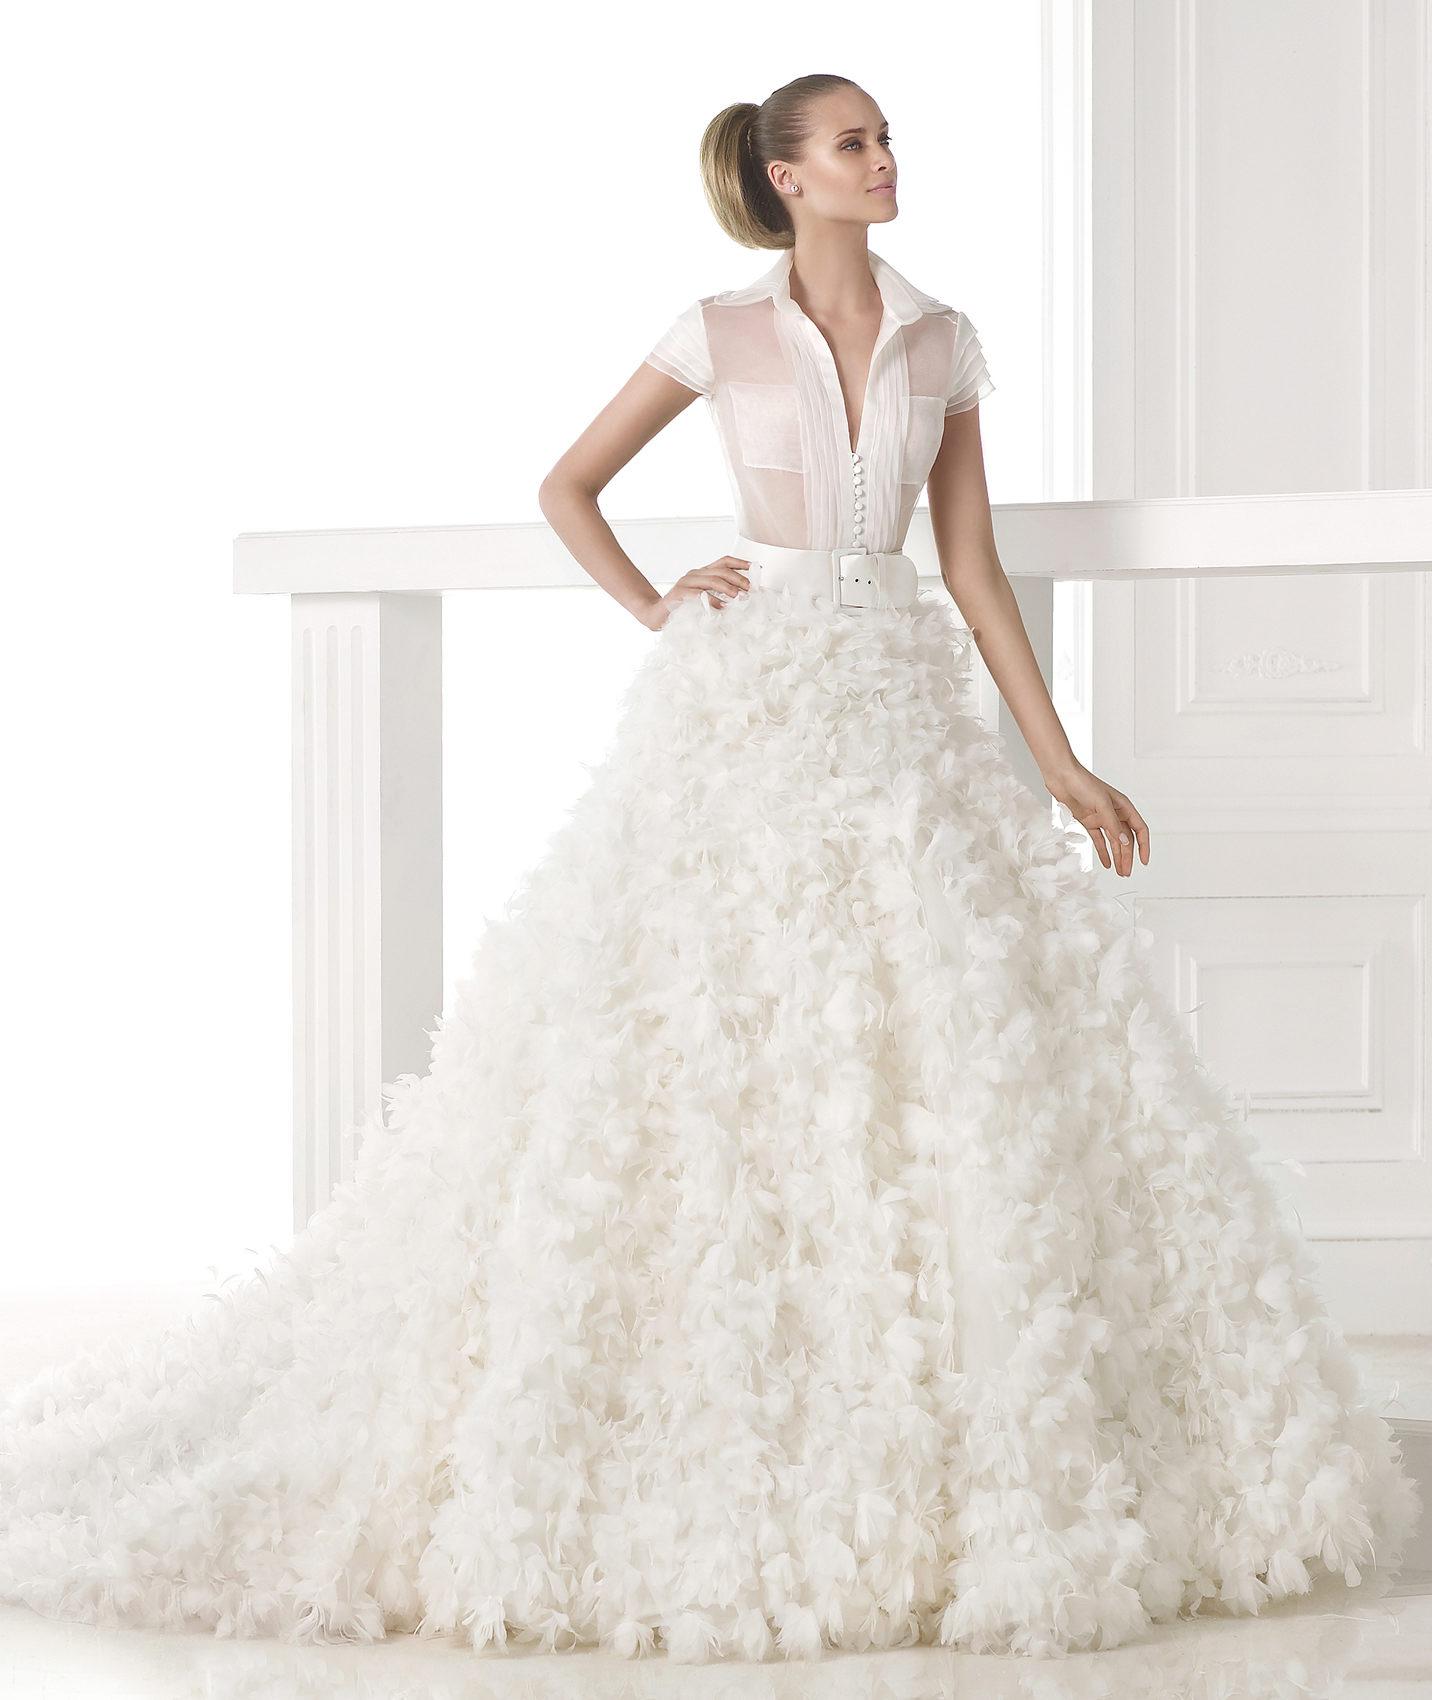 Svatební šaty Pronovias z kolekce S/S 2015 z extravagantní průhledné krajky s účesem s dlouhou vlečkou.